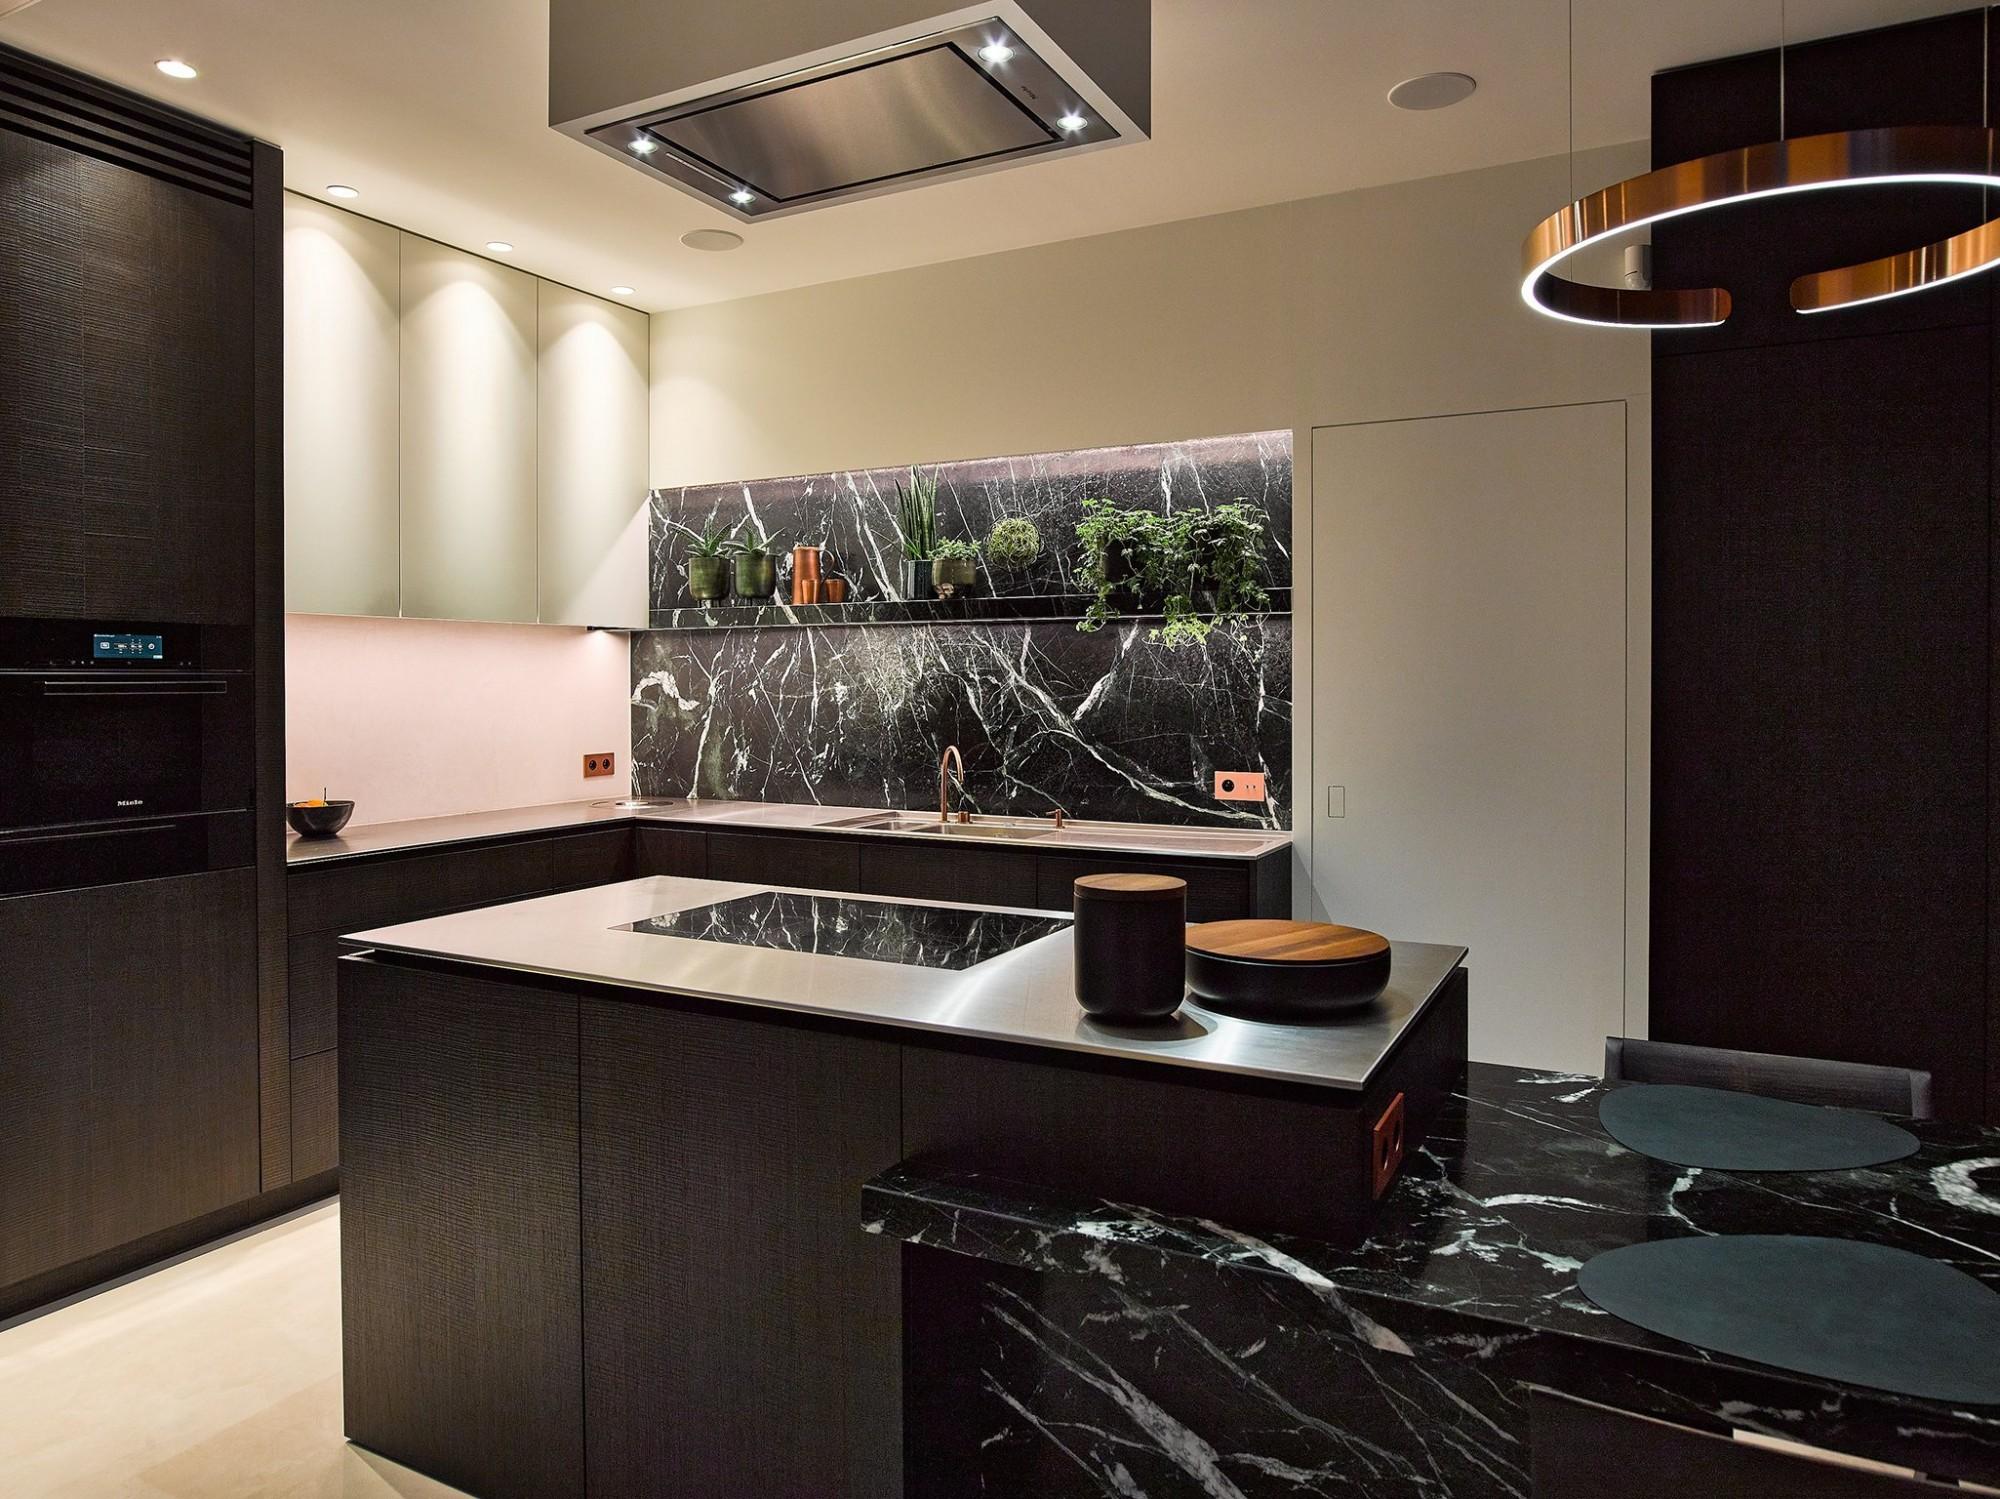 Afbeelding: Fotografie interieur keuken voor Vergalle totaalprojecten.